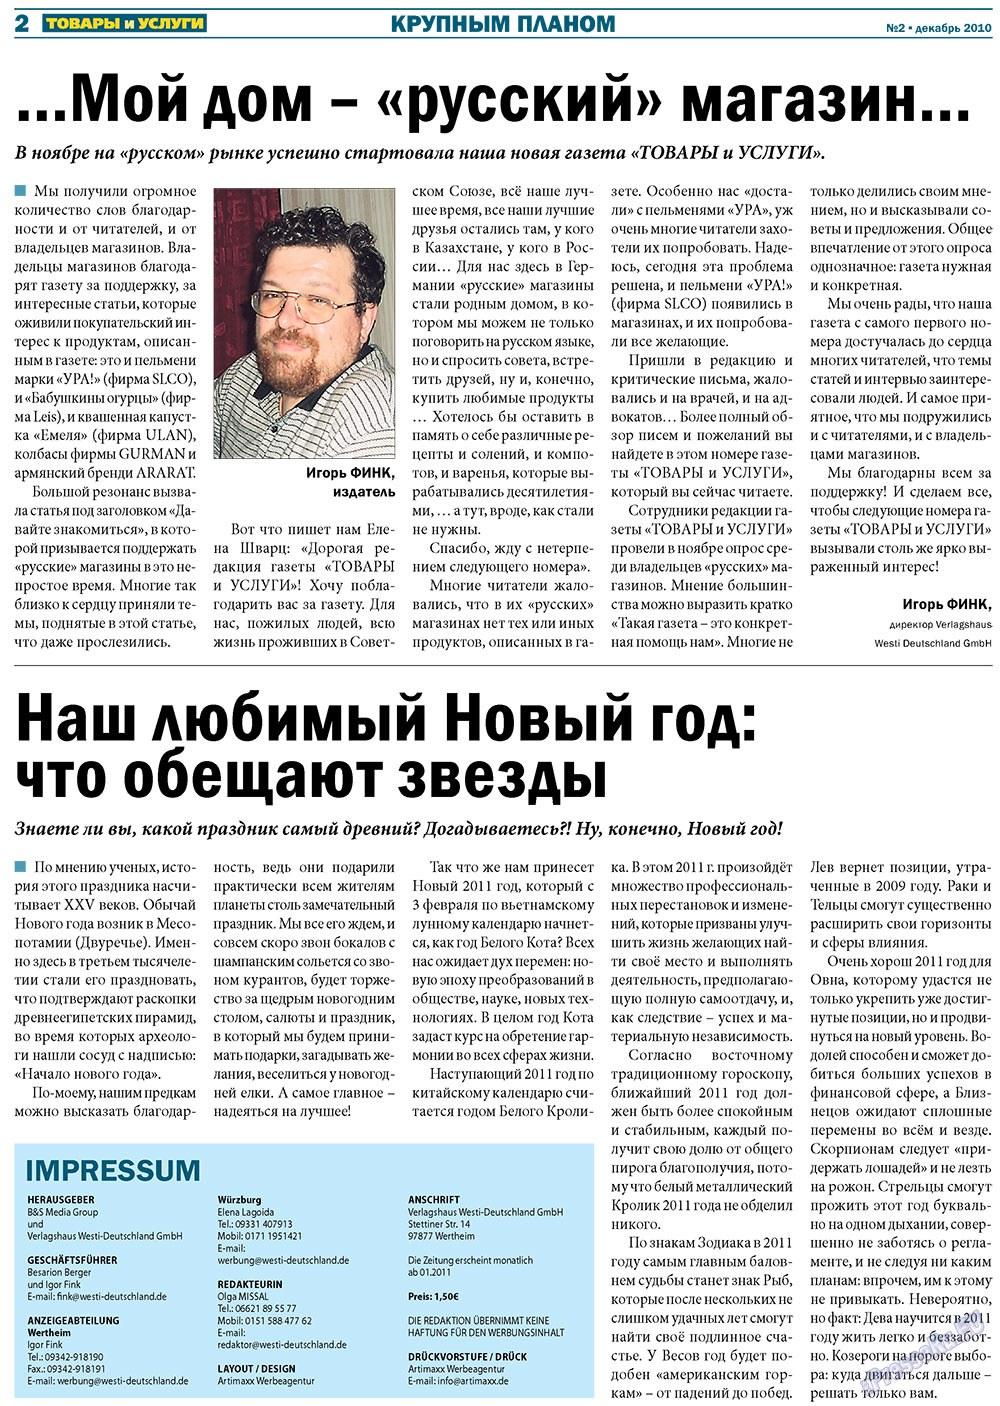 Товары и услуги (газета). 2010 год, номер 2, стр. 2